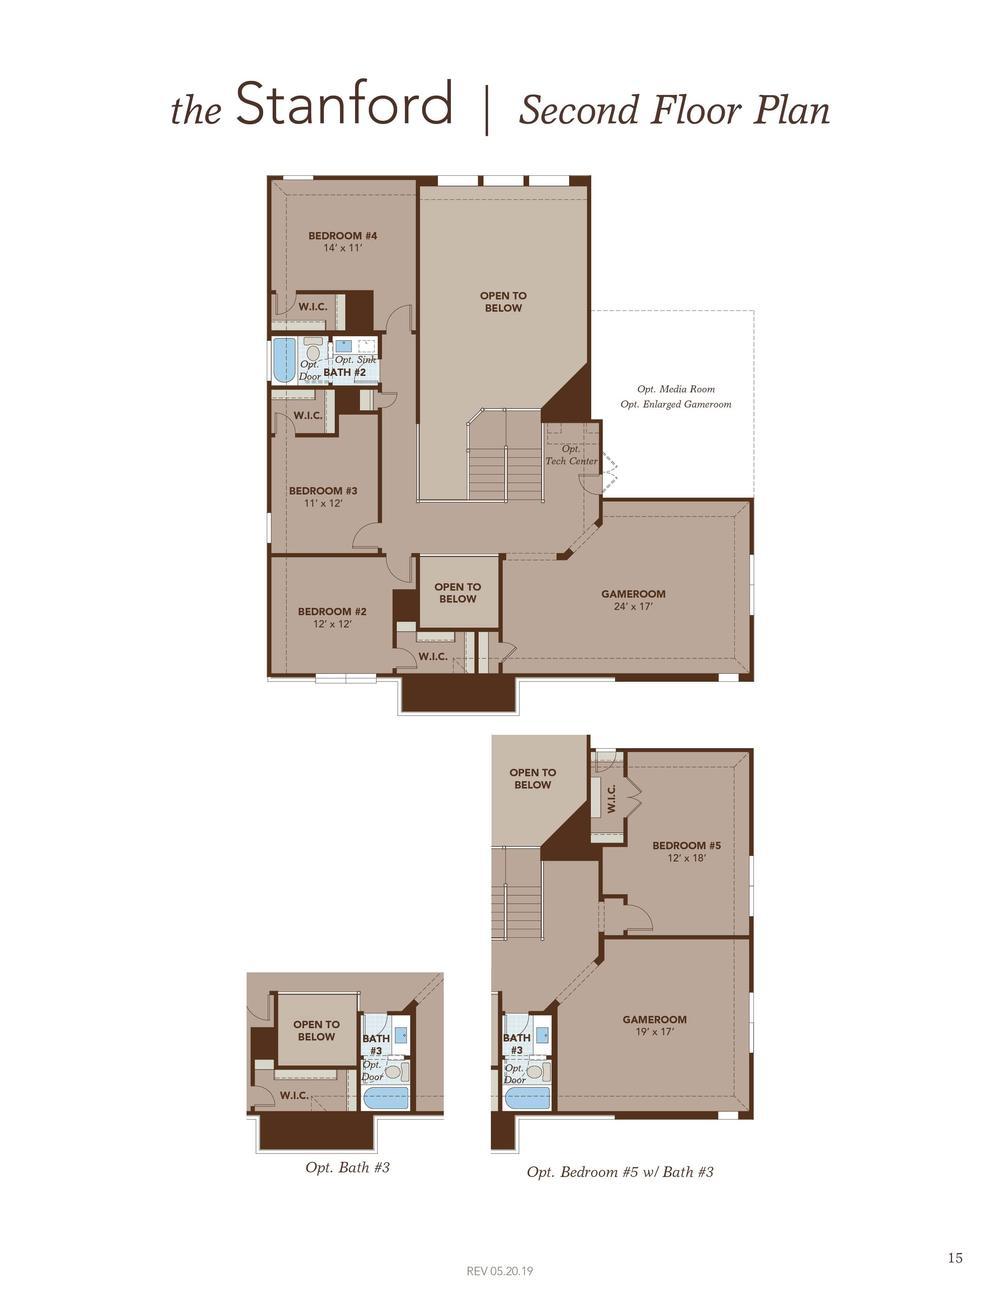 Stanford Second Floor Plan